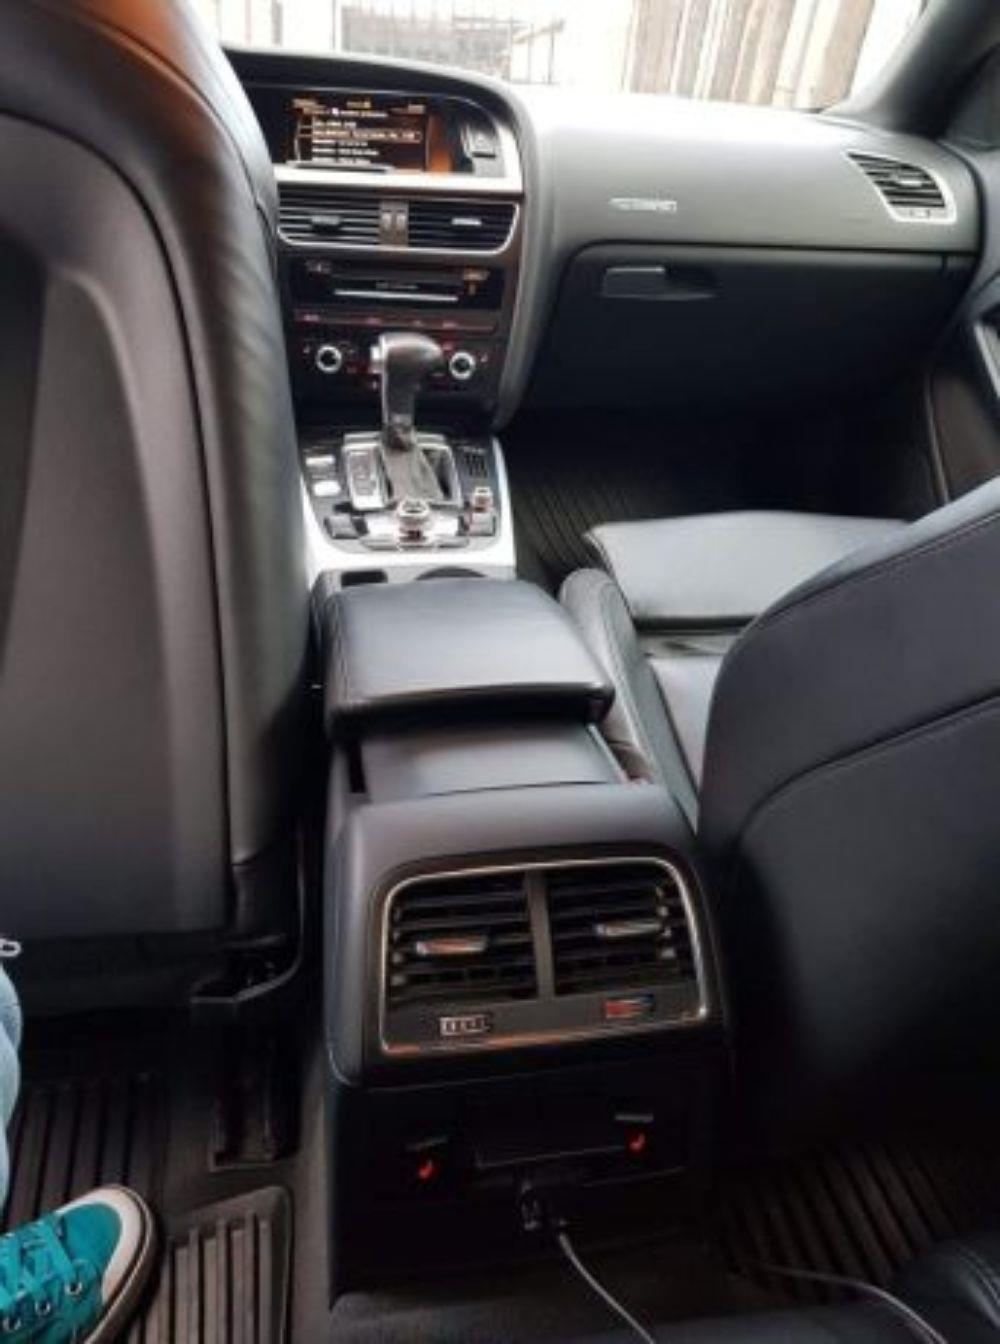 Audi  - imagine 6